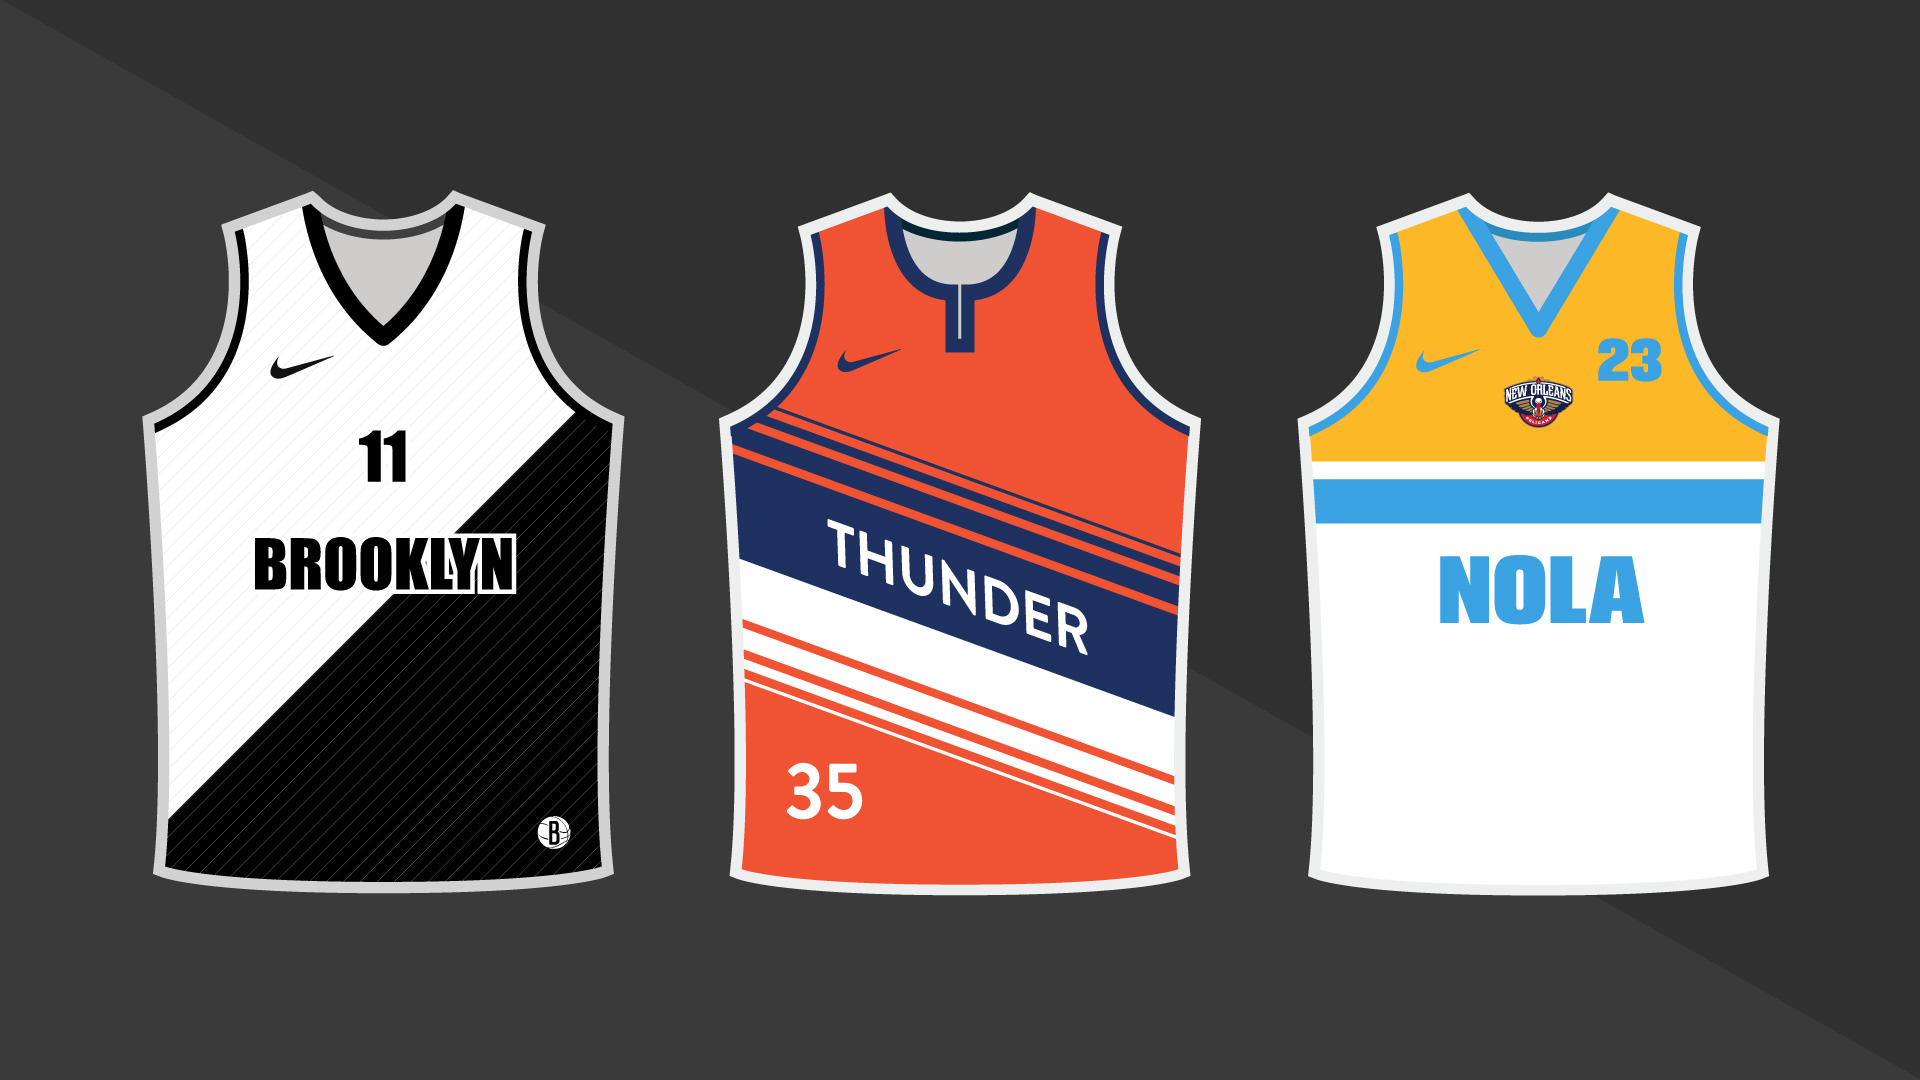 nba uniforms Gallery